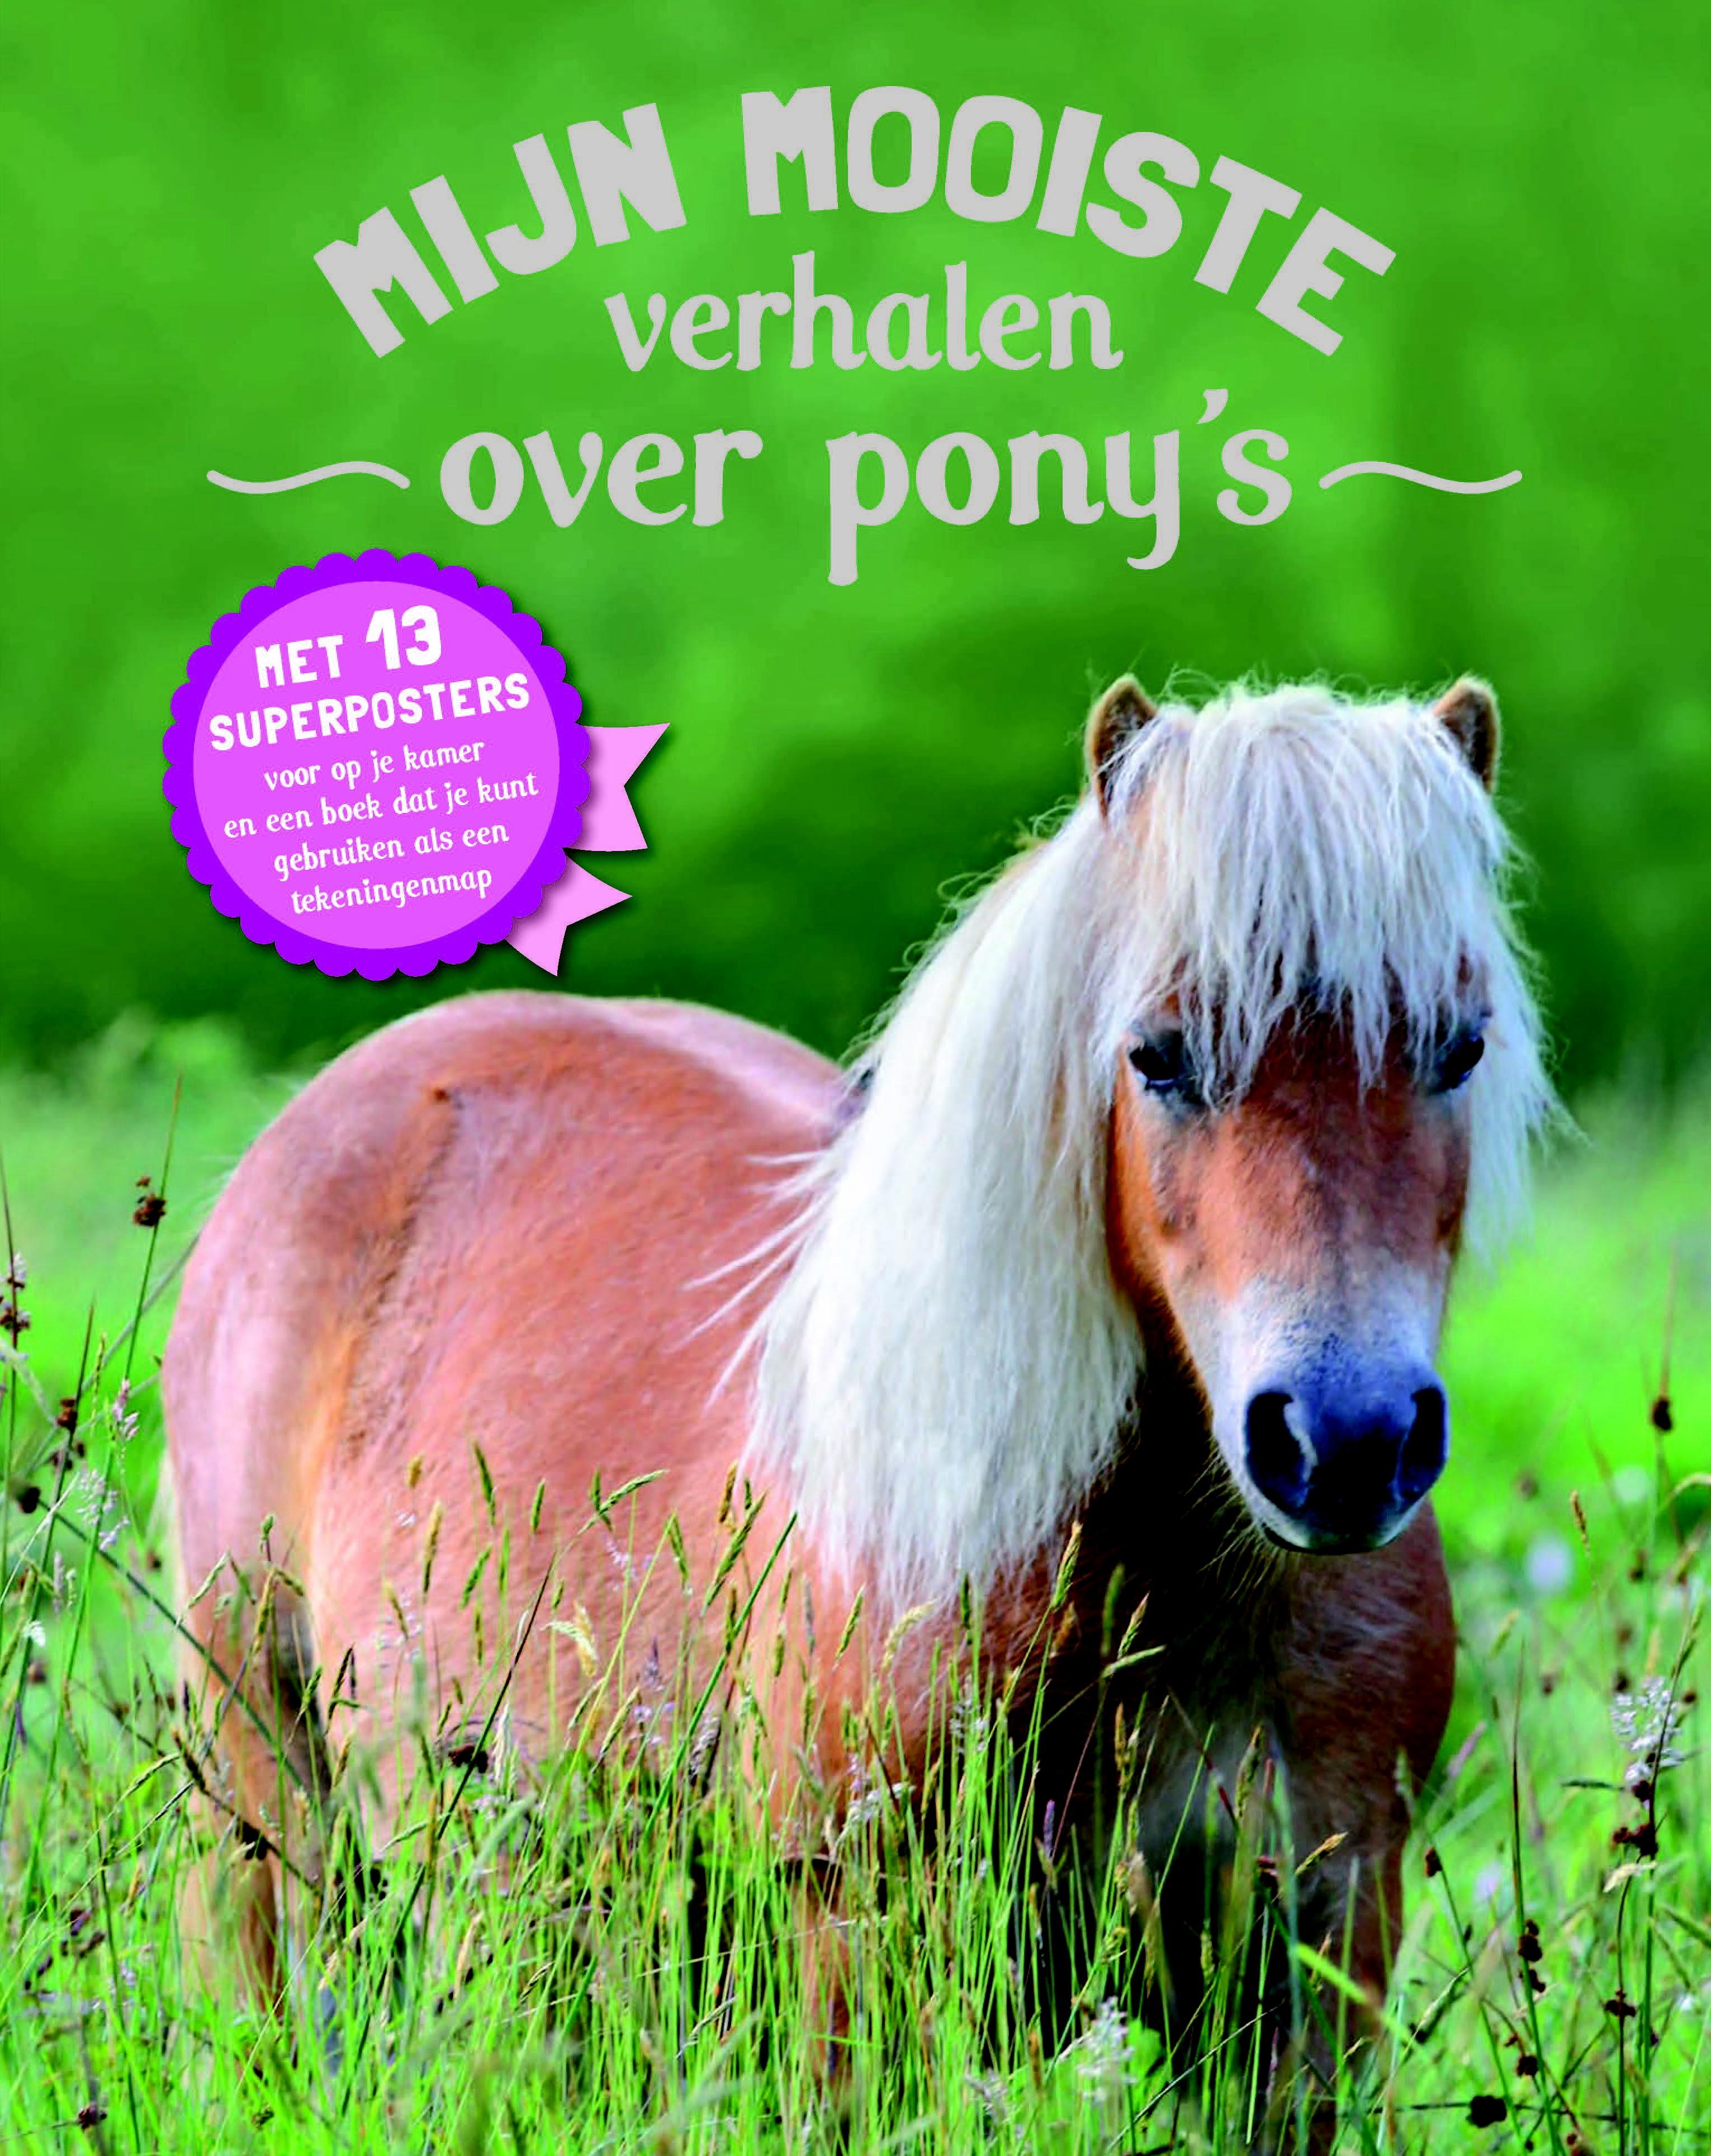 Mijn verhalen over pony's